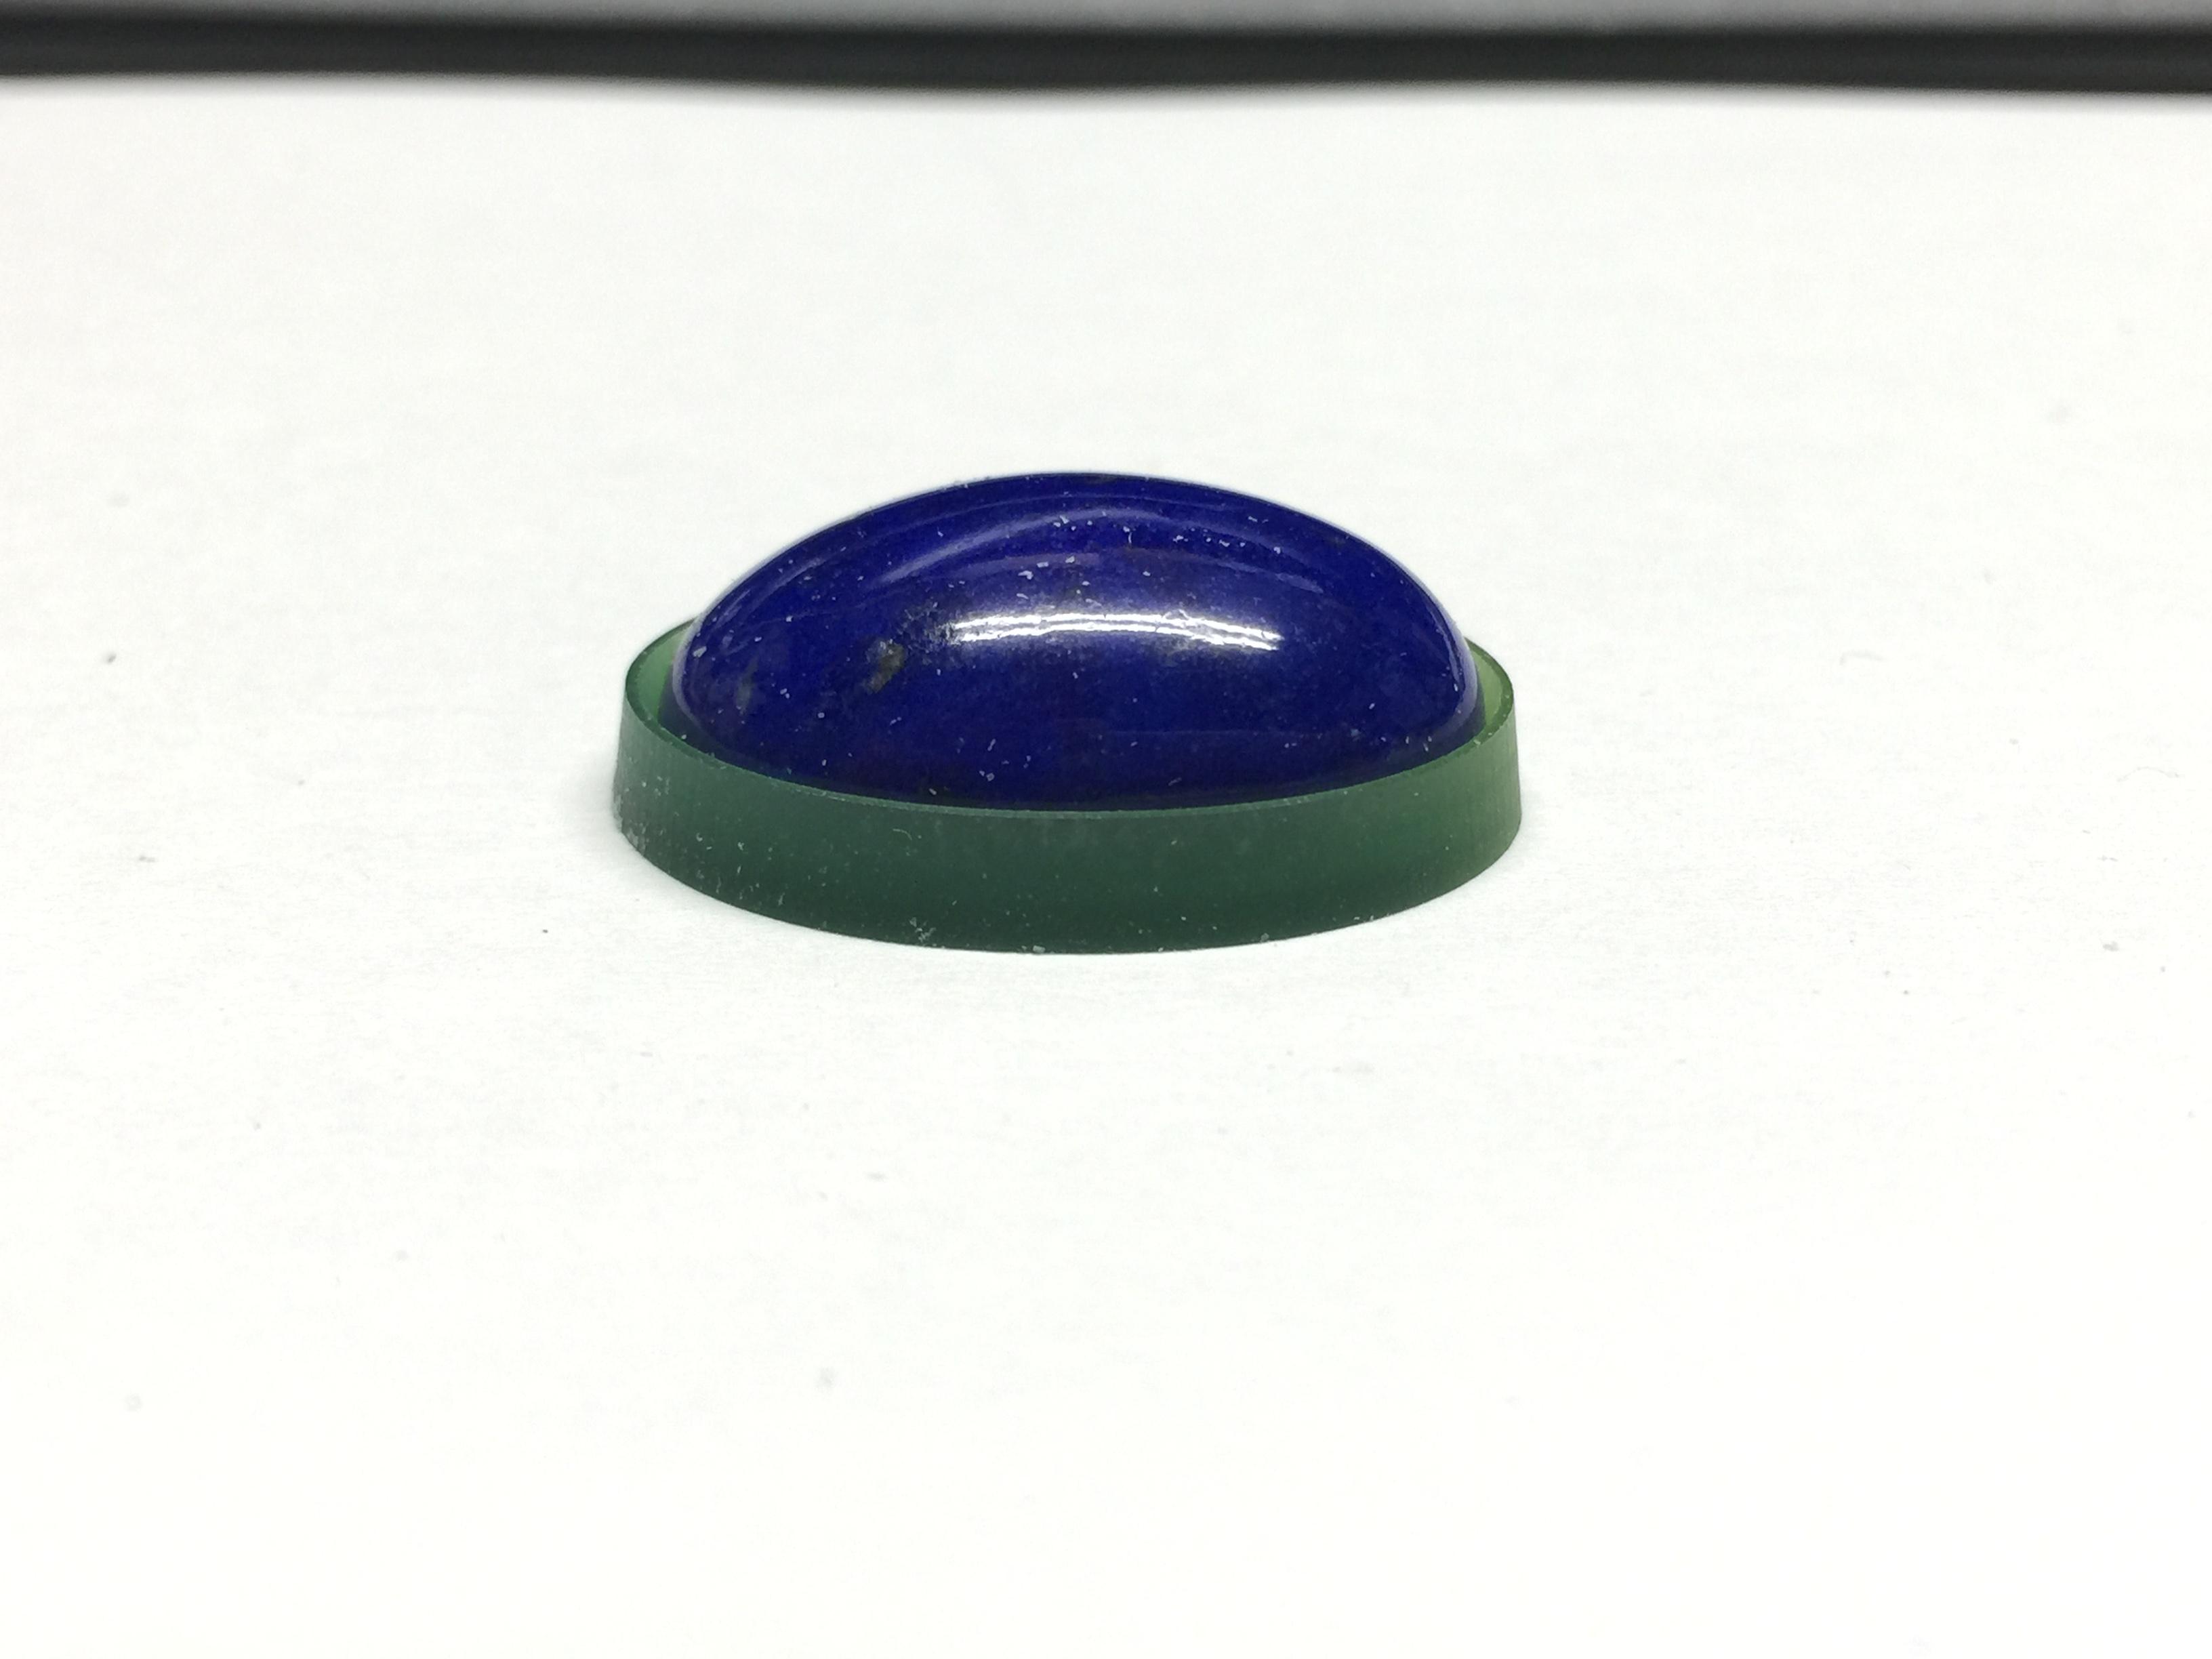 デジタルジュエリー®=DigitalJewelry=3D printed jewelry 僕の目指していることは職人でなくジュエリービジネスです。